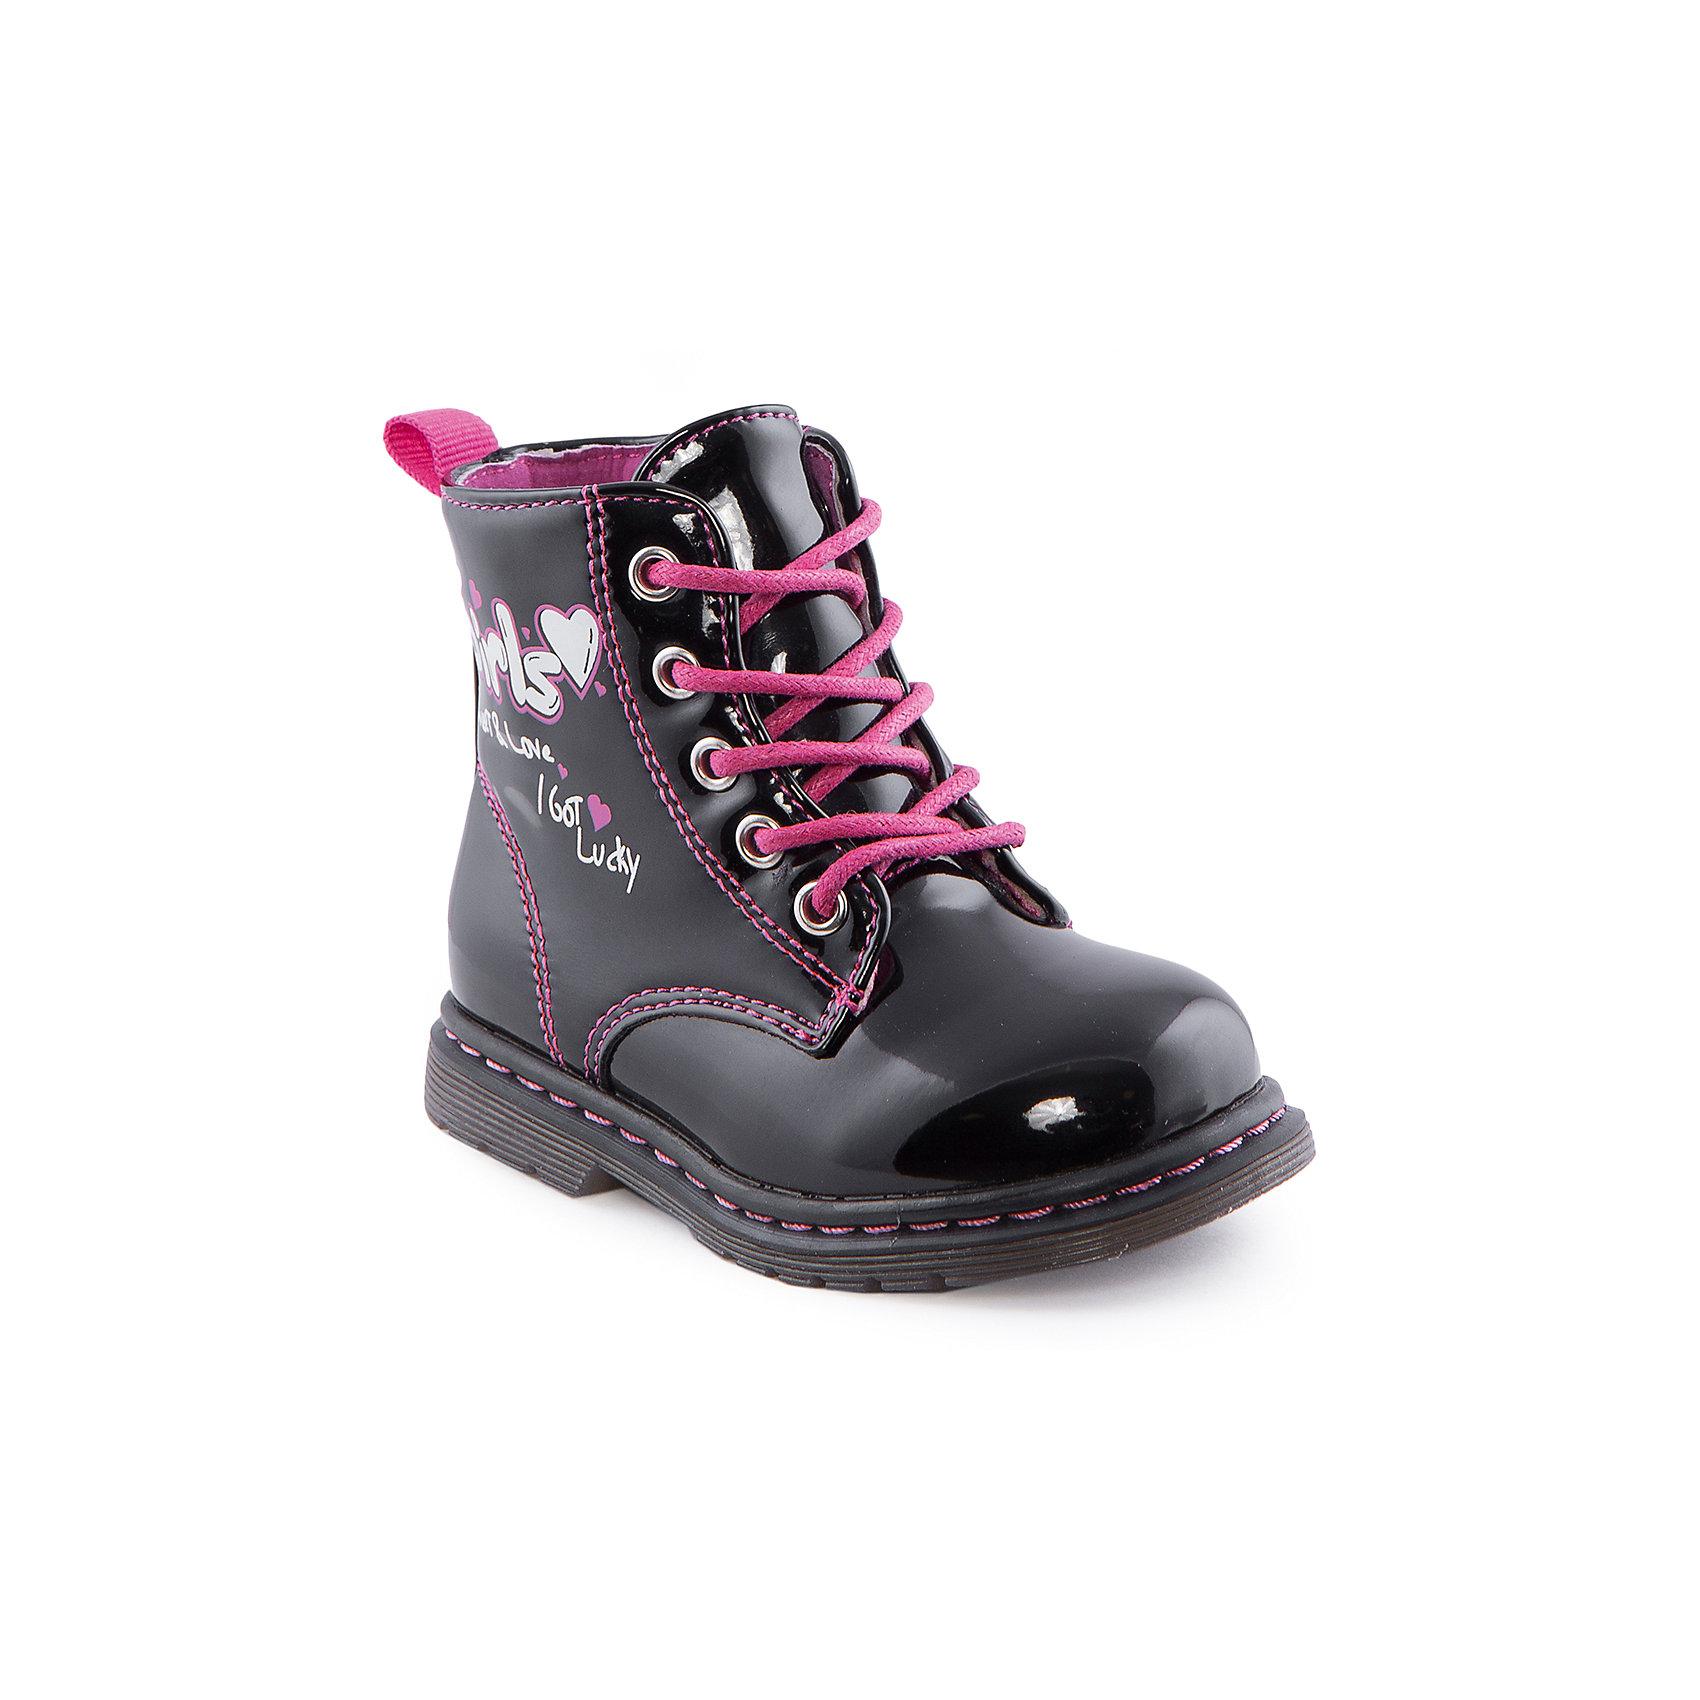 Ботинки для девочки Indigo kidsБотинки<br>Ботинки для девочки от известного бренда Indigo kids<br><br>Очень красивые нарядные ботинки могут быть и очень удобными! Яркий цвет делает эту модель стильной и привлекающей внимание. Ботинки легко надеваются благодаря шнуровке и молнии и комфортно садятся по ноге. <br><br>Особенности модели:<br><br>- цвет - черный;<br>- лакированная кожа;<br>- стильный дизайн;<br>- удобная колодка;<br>- байковая подкладка;<br>- украшены принтом;<br>- устойчивая подошва;<br>- высокие;<br>- застежки: шнуровка, молния.<br><br>Дополнительная информация:<br><br>Температурный режим:<br>от +5° С до +15° С<br><br>Состав:<br><br>верх – искусственная кожа;<br>подкладка - байка;<br>подошва - ТЭП.<br><br>Ботинки для девочки Indigo kids (Индиго Кидс) можно купить в нашем магазине.<br><br>Ширина мм: 262<br>Глубина мм: 176<br>Высота мм: 97<br>Вес г: 427<br>Цвет: черный<br>Возраст от месяцев: 12<br>Возраст до месяцев: 15<br>Пол: Женский<br>Возраст: Детский<br>Размер: 21,22,26,25,24,23<br>SKU: 4520027